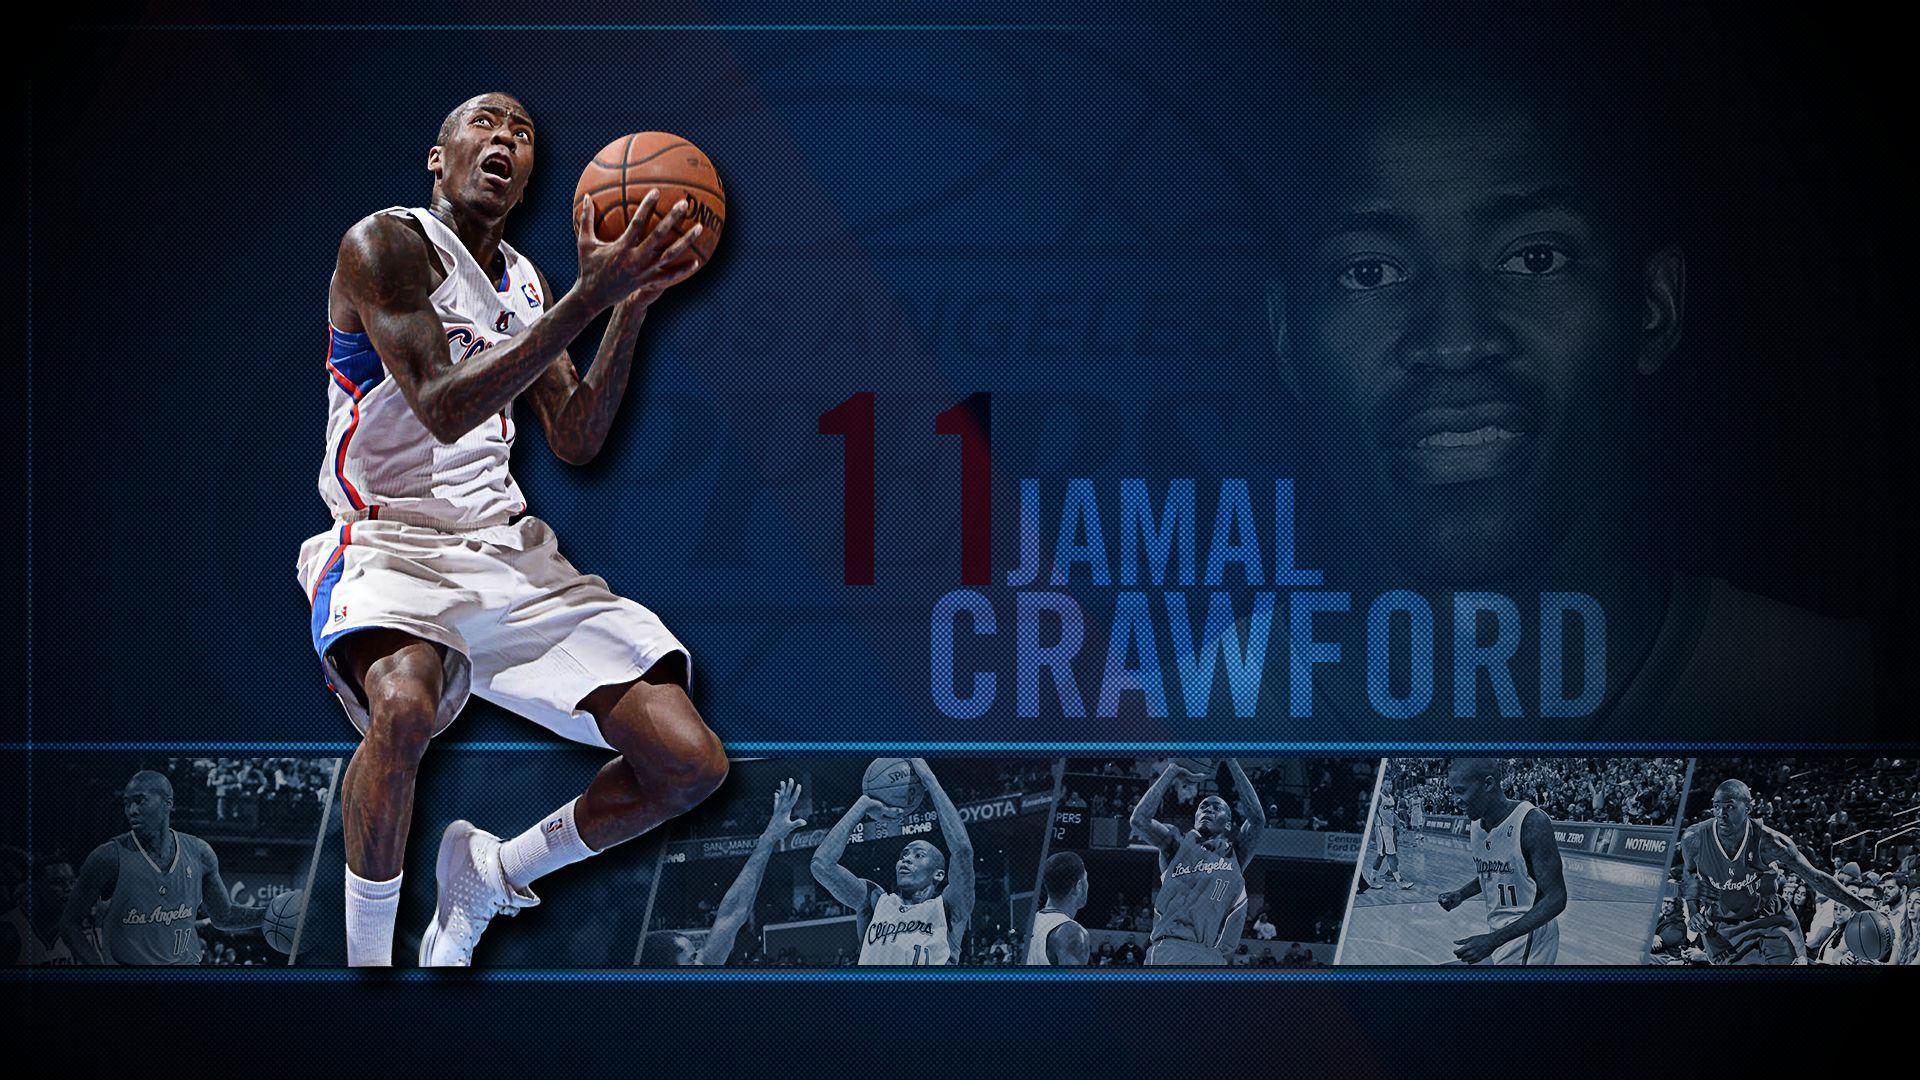 398a668b2 Jamal Crawford Wallpapers Clippers 2014 - WallpaperSafari